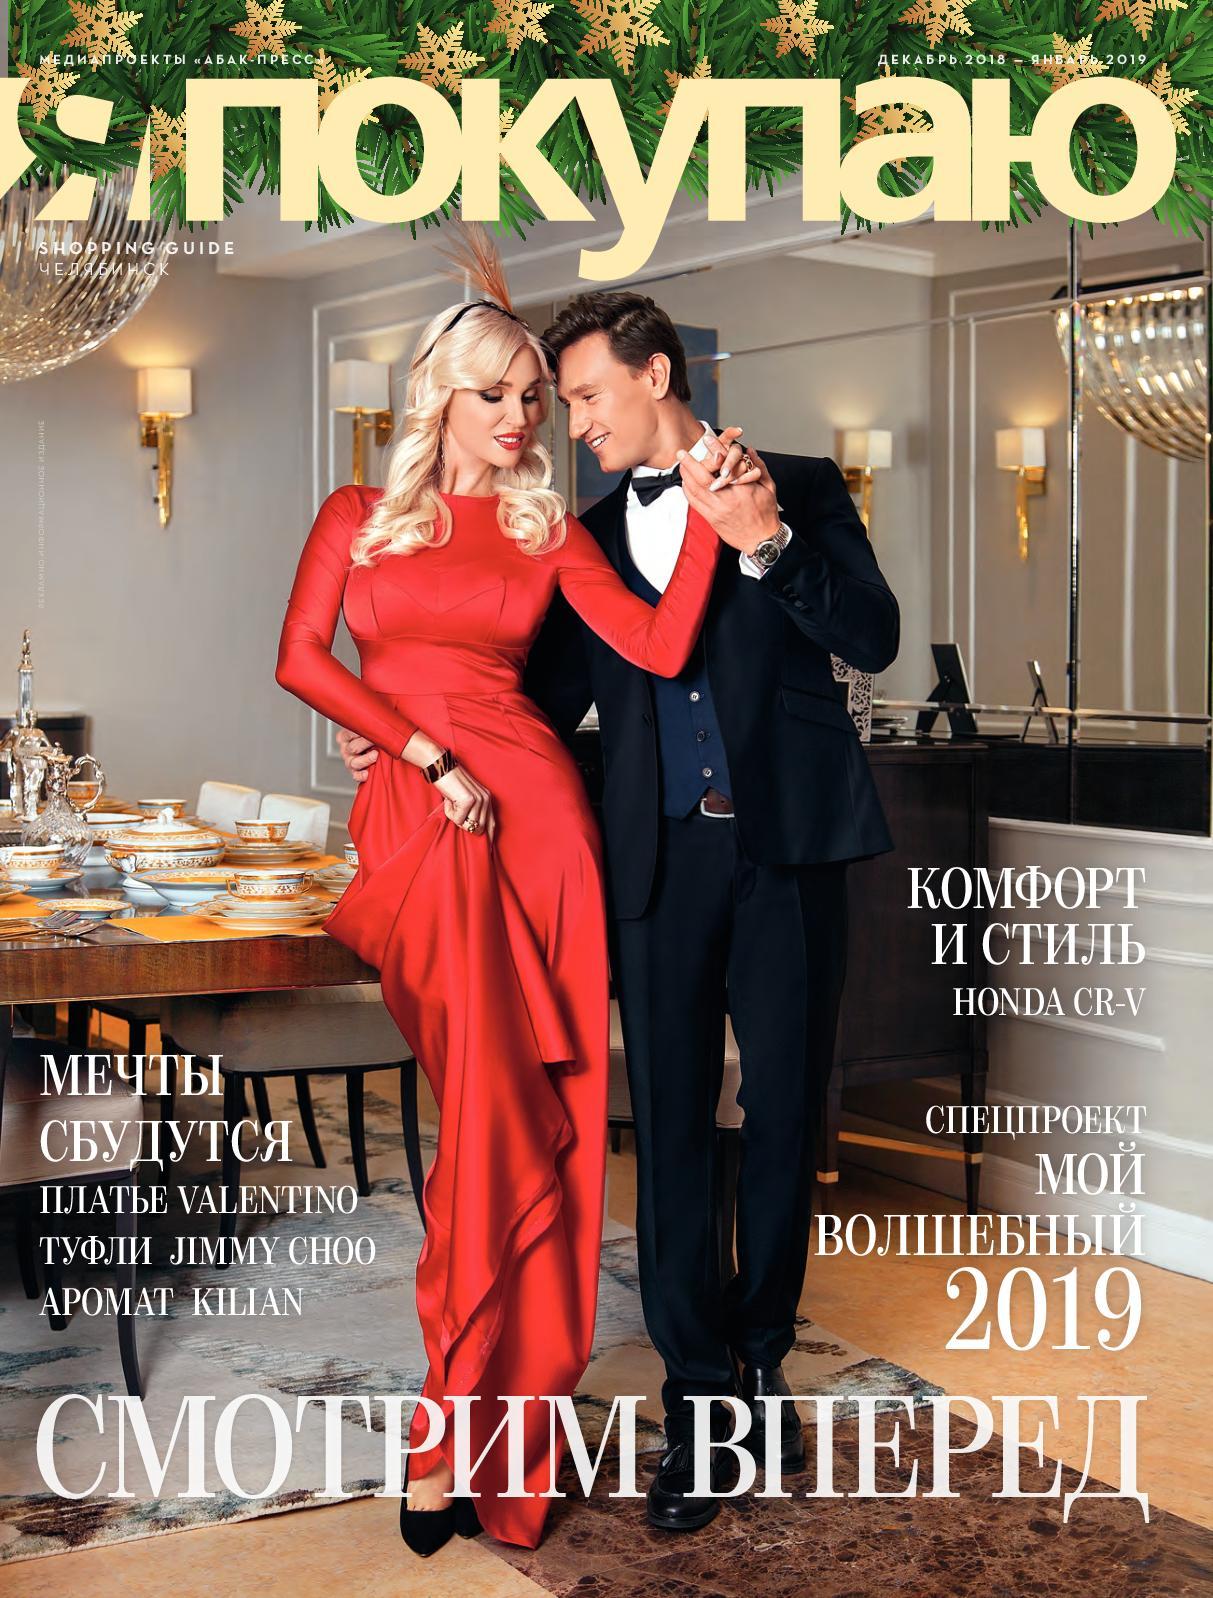 Calaméo - Shopping Guide «Я Покупаю. Челябинск», декабрь 2018 январь 2019 5c50ff049ea